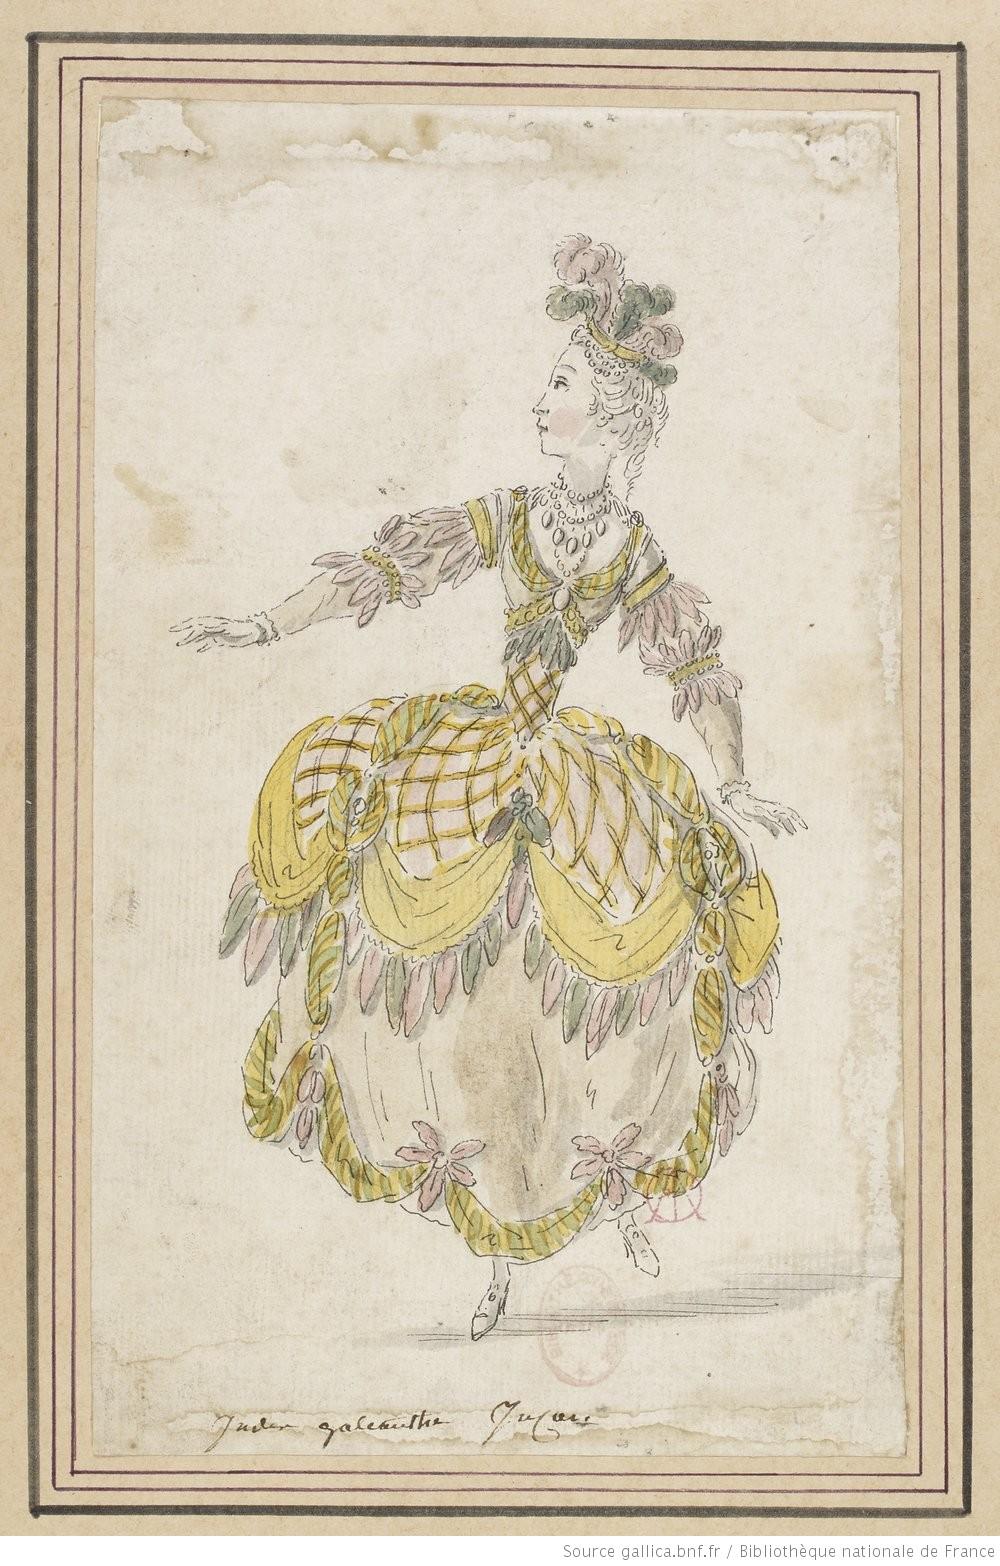 Louis-René Boquet, maquette de costume pour les Indes Galantes, 1770.  Source gallica.bnf.fr / Bibliothèque nationale de France